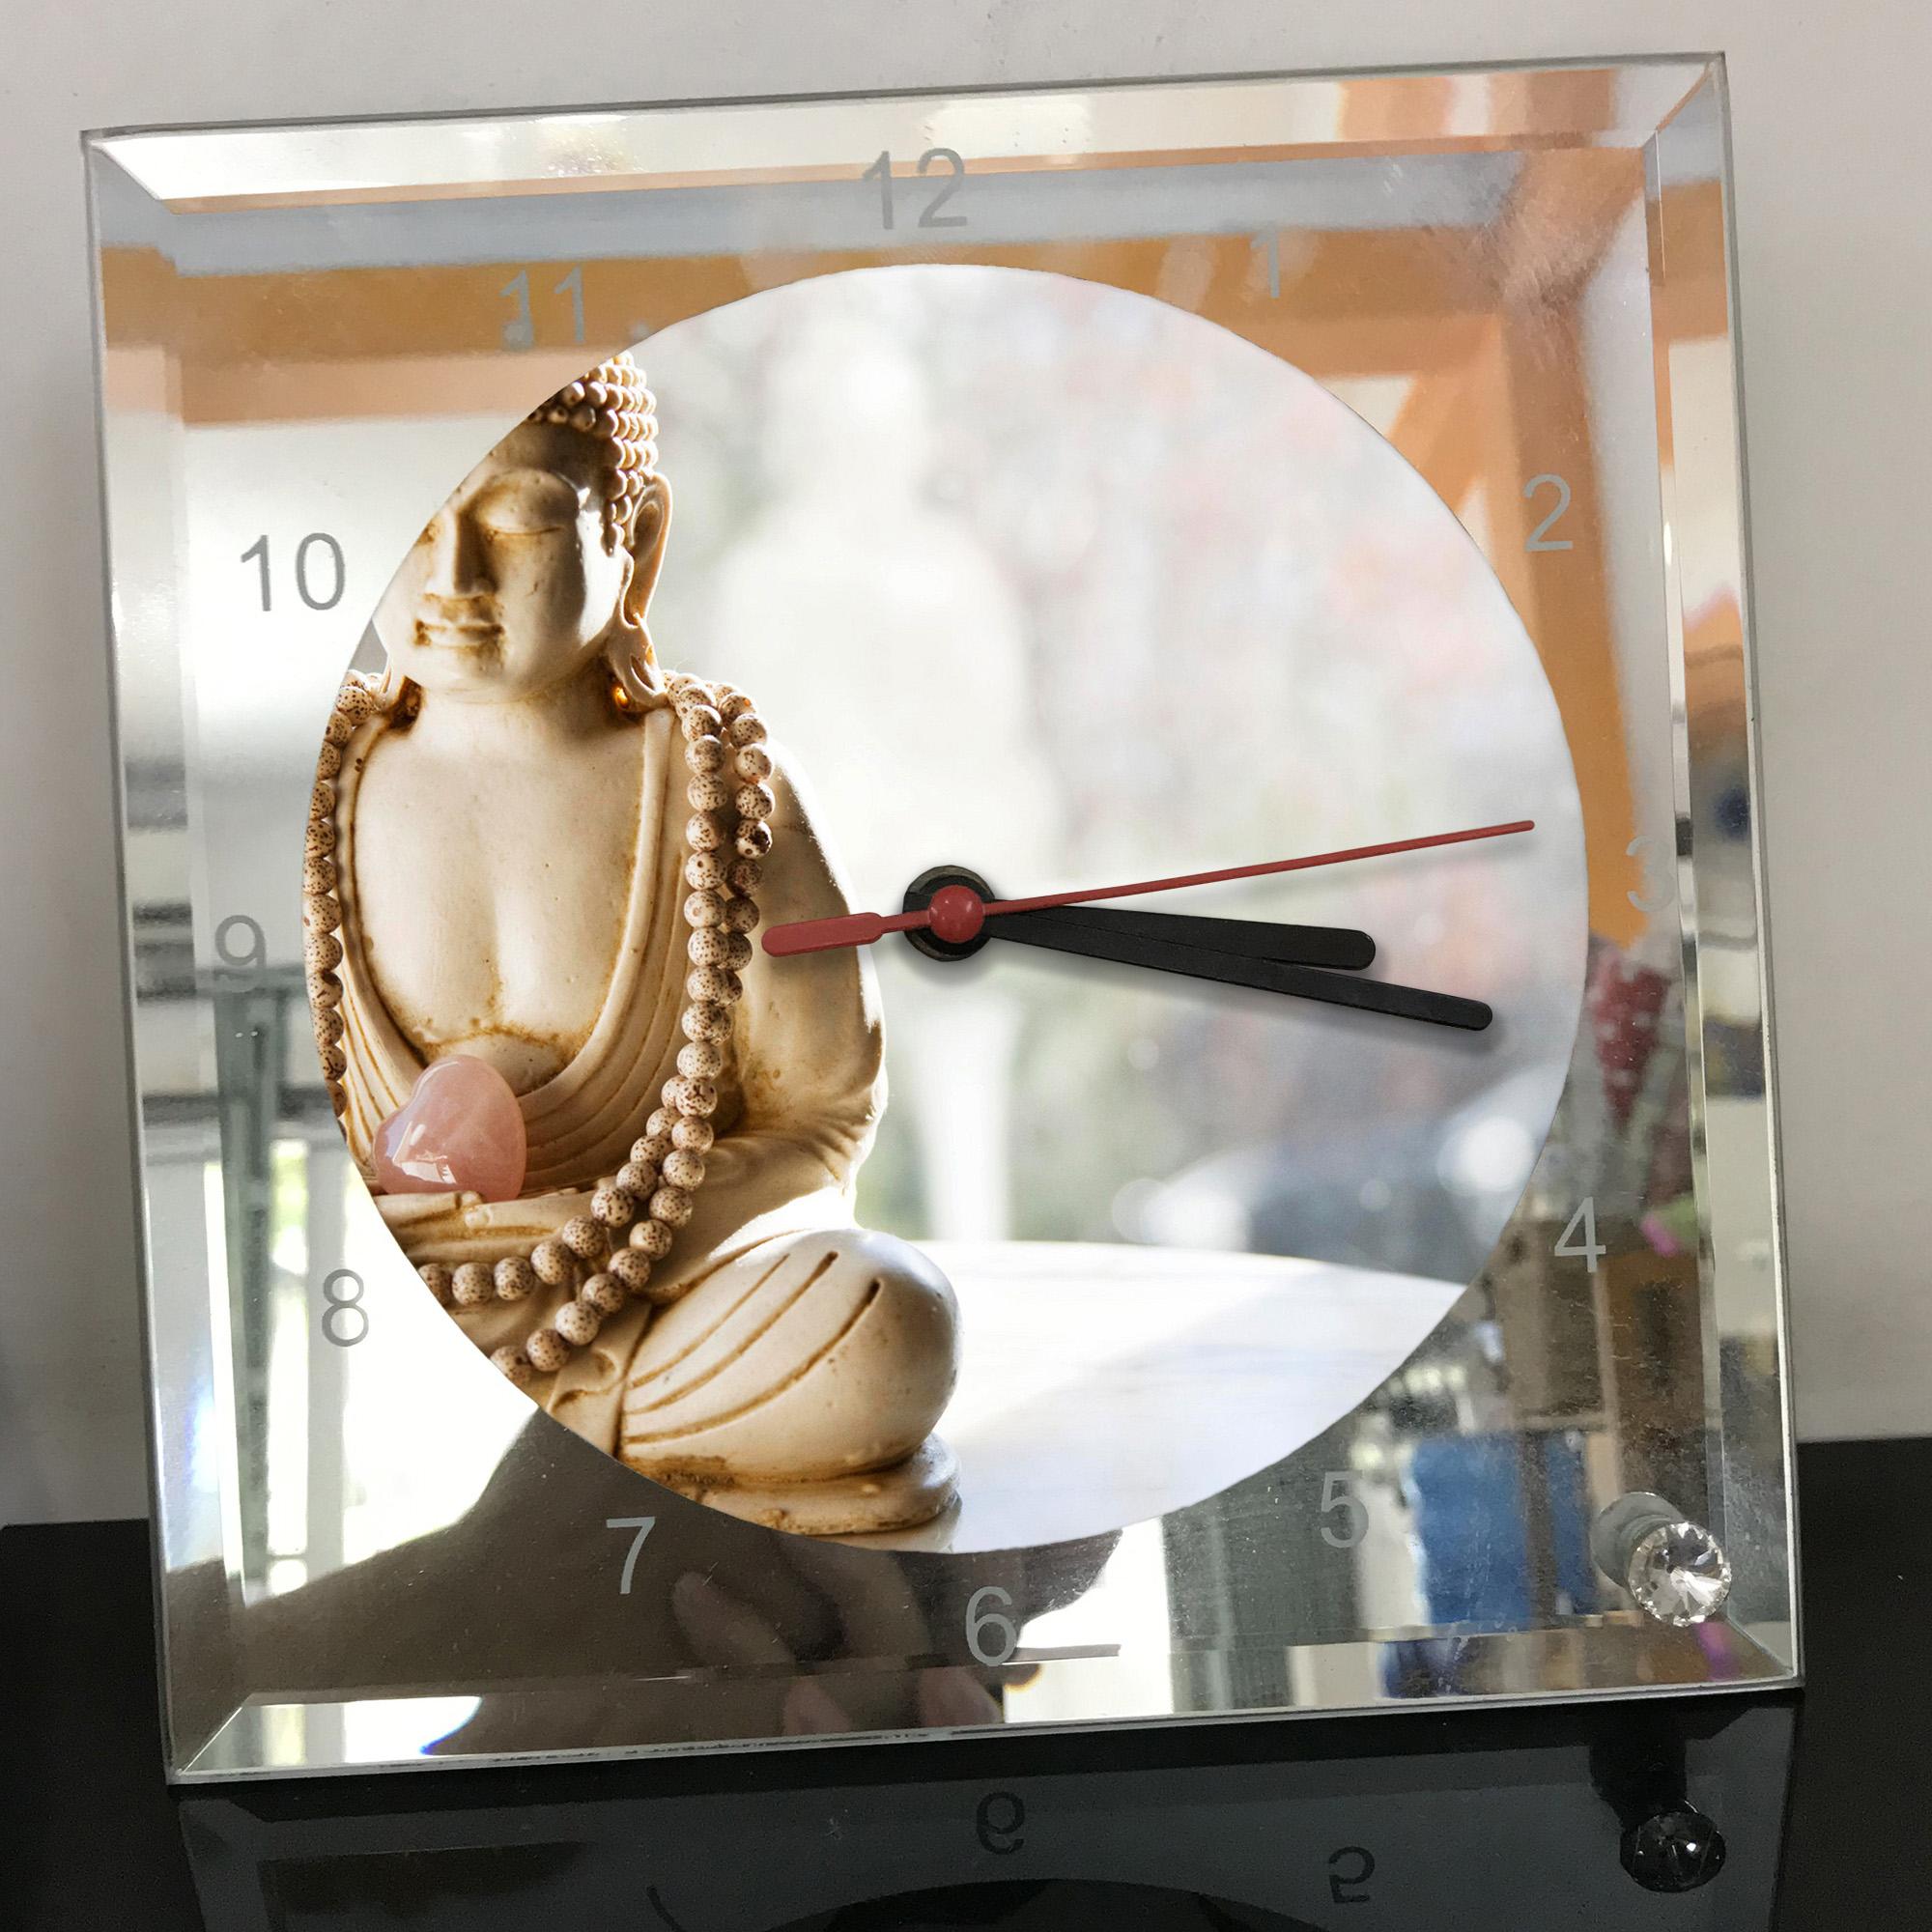 Đồng hồ thủy tinh vuông 20x20 in hình Buddhism - đạo phật (71) . Đồng hồ thủy tinh để bàn trang trí đẹp chủ đề tôn giáo